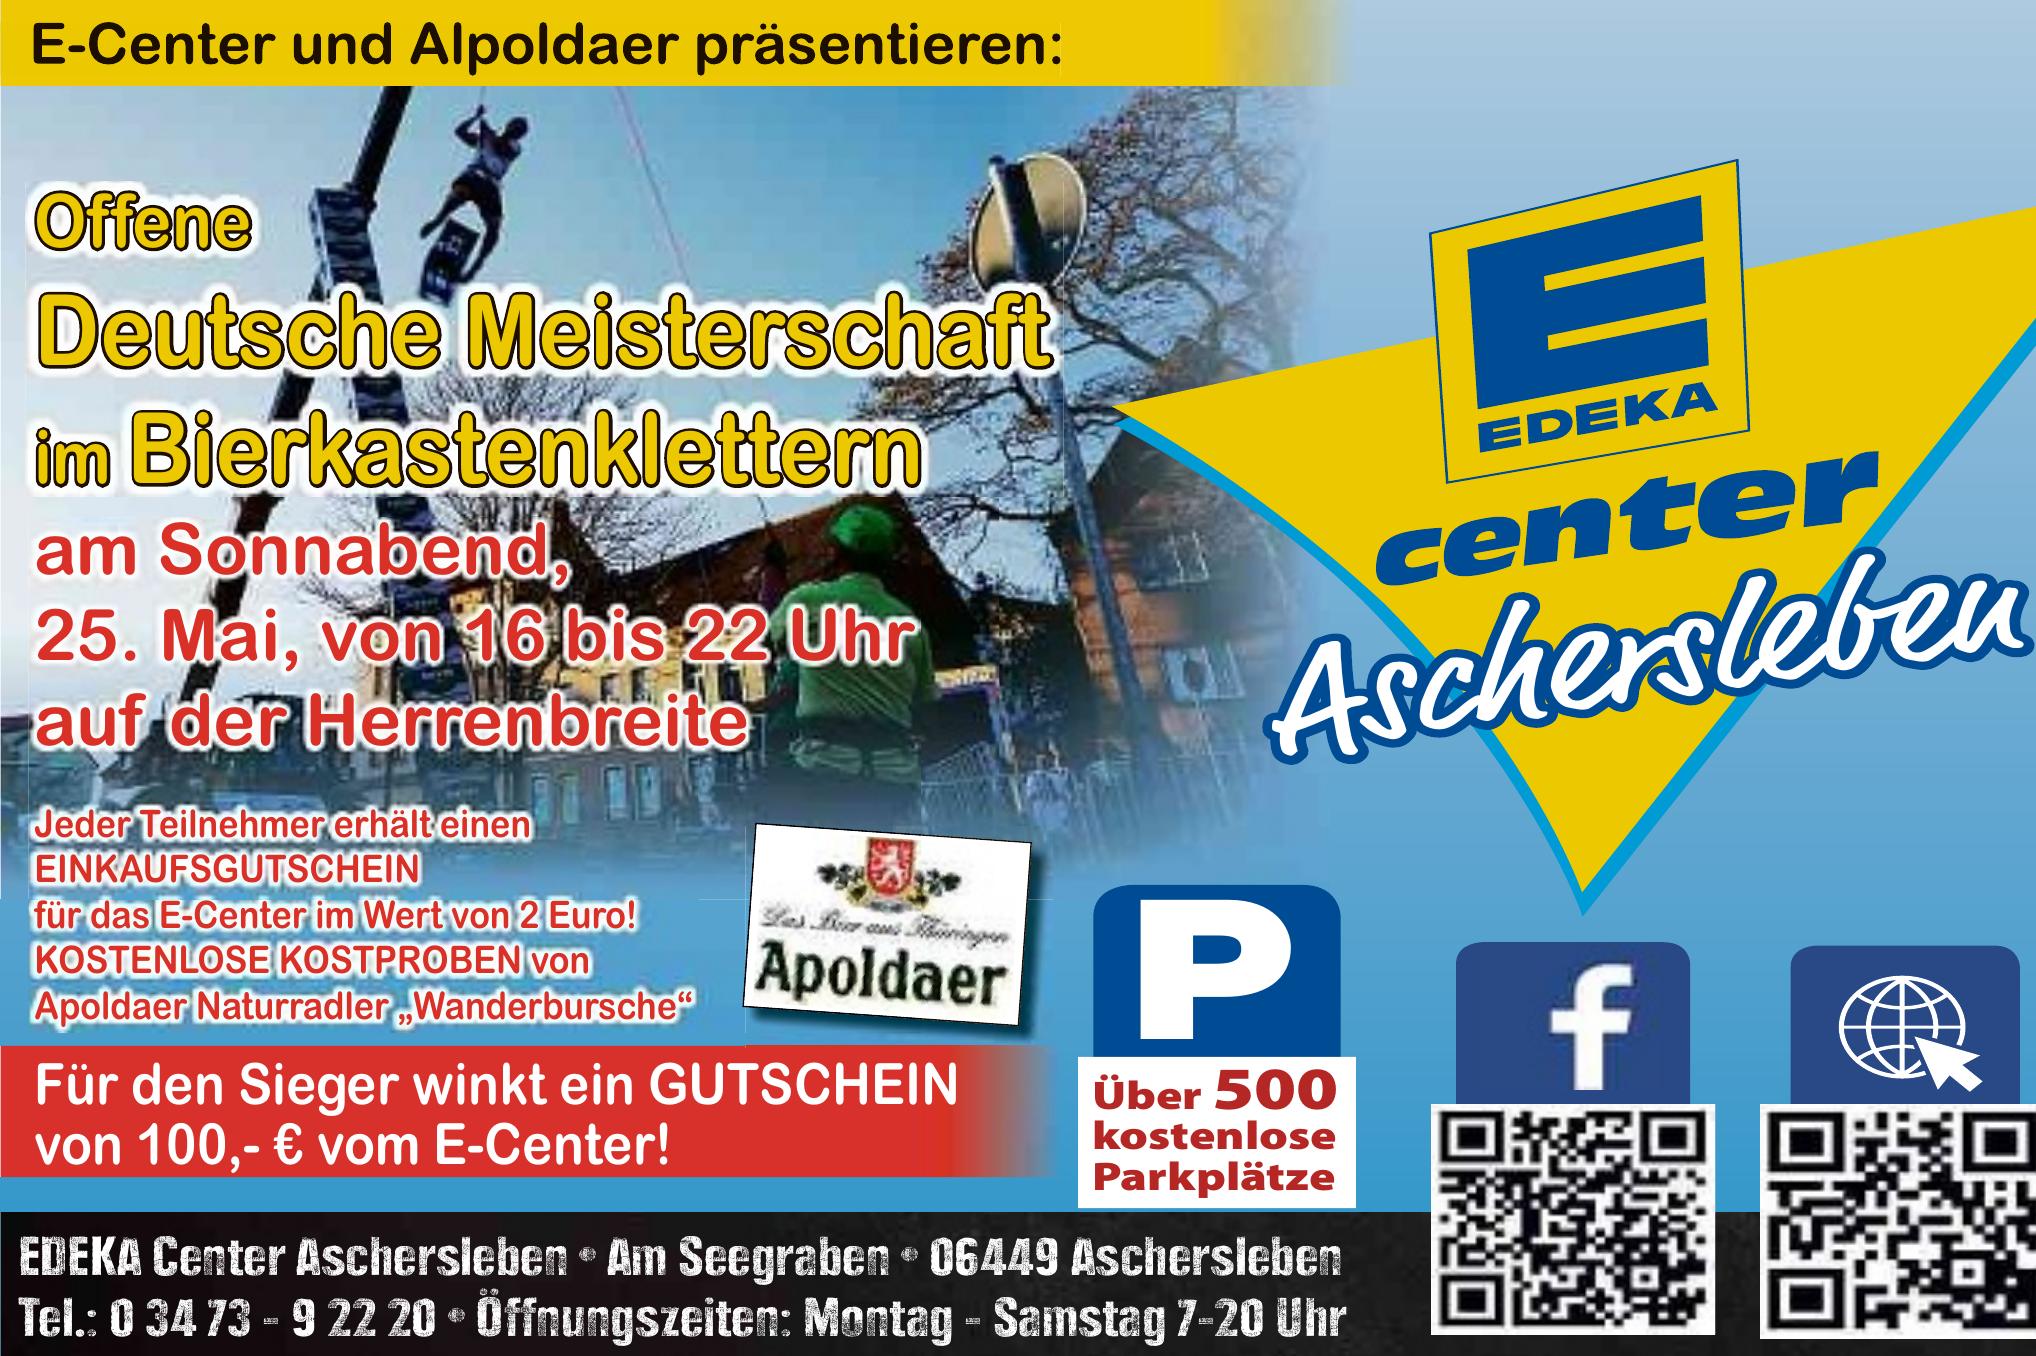 EDEKA Center Aschersleben